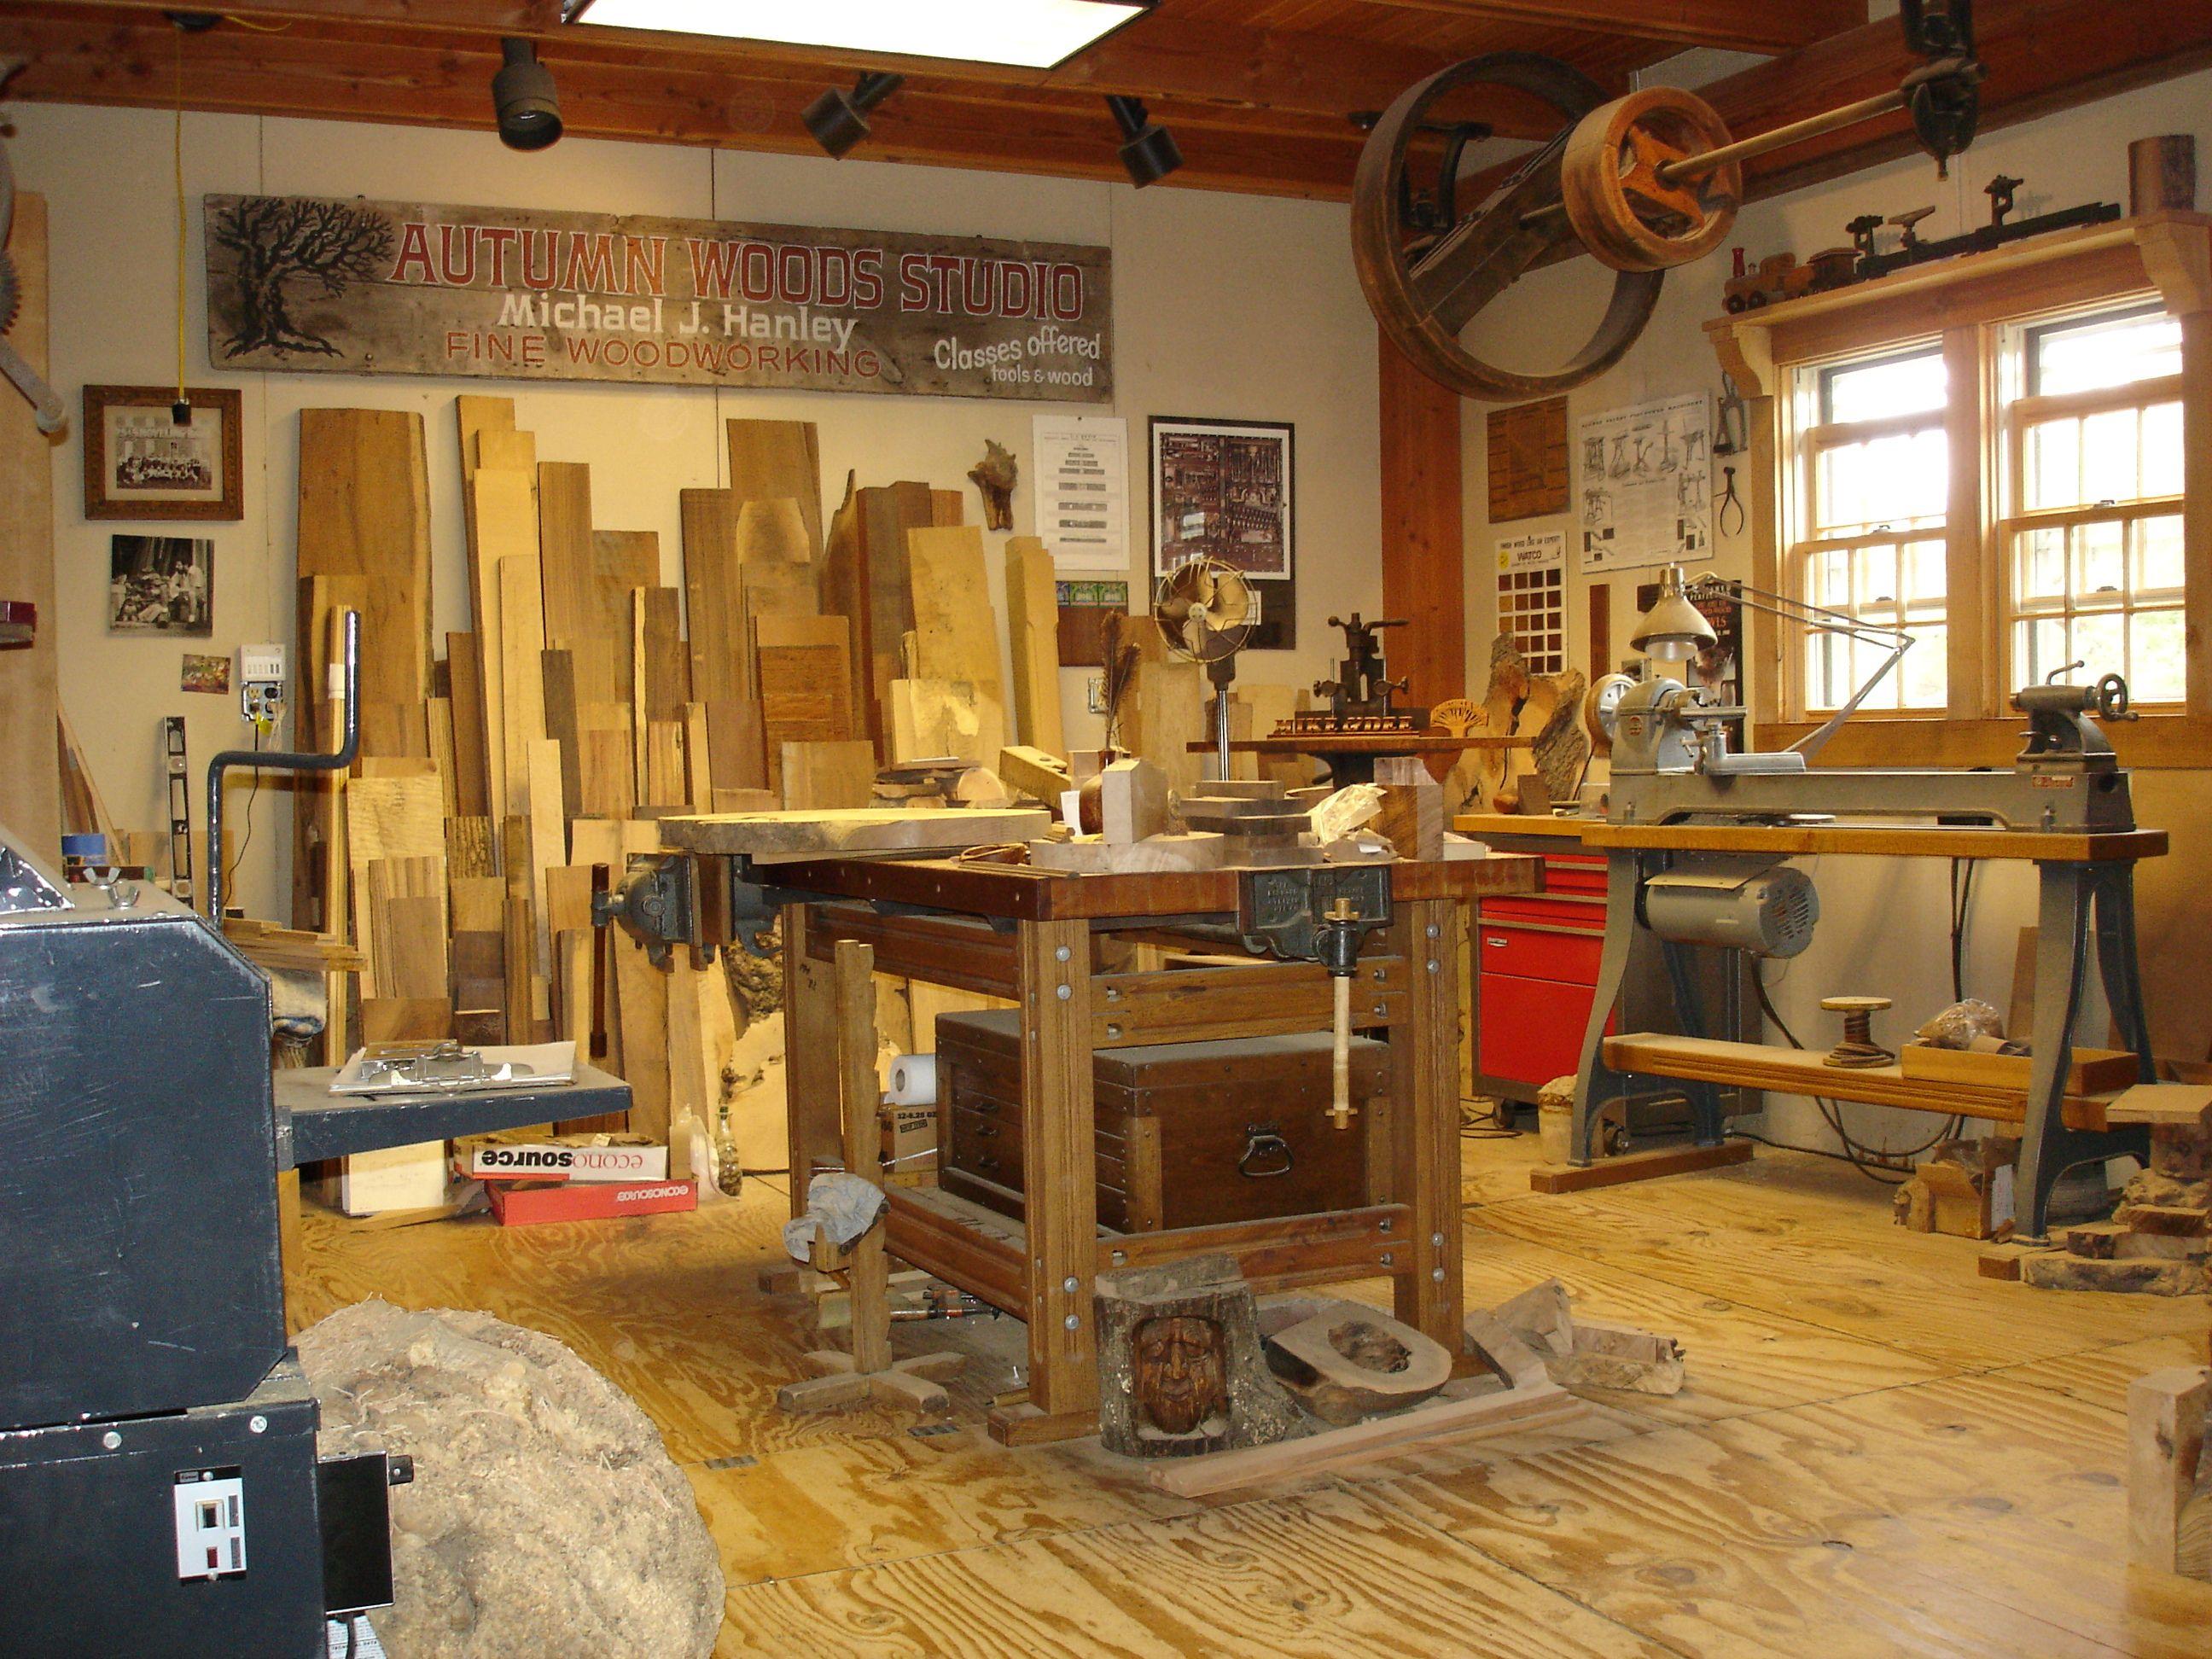 woodworking shop | autumn woods studio - fine woodworking